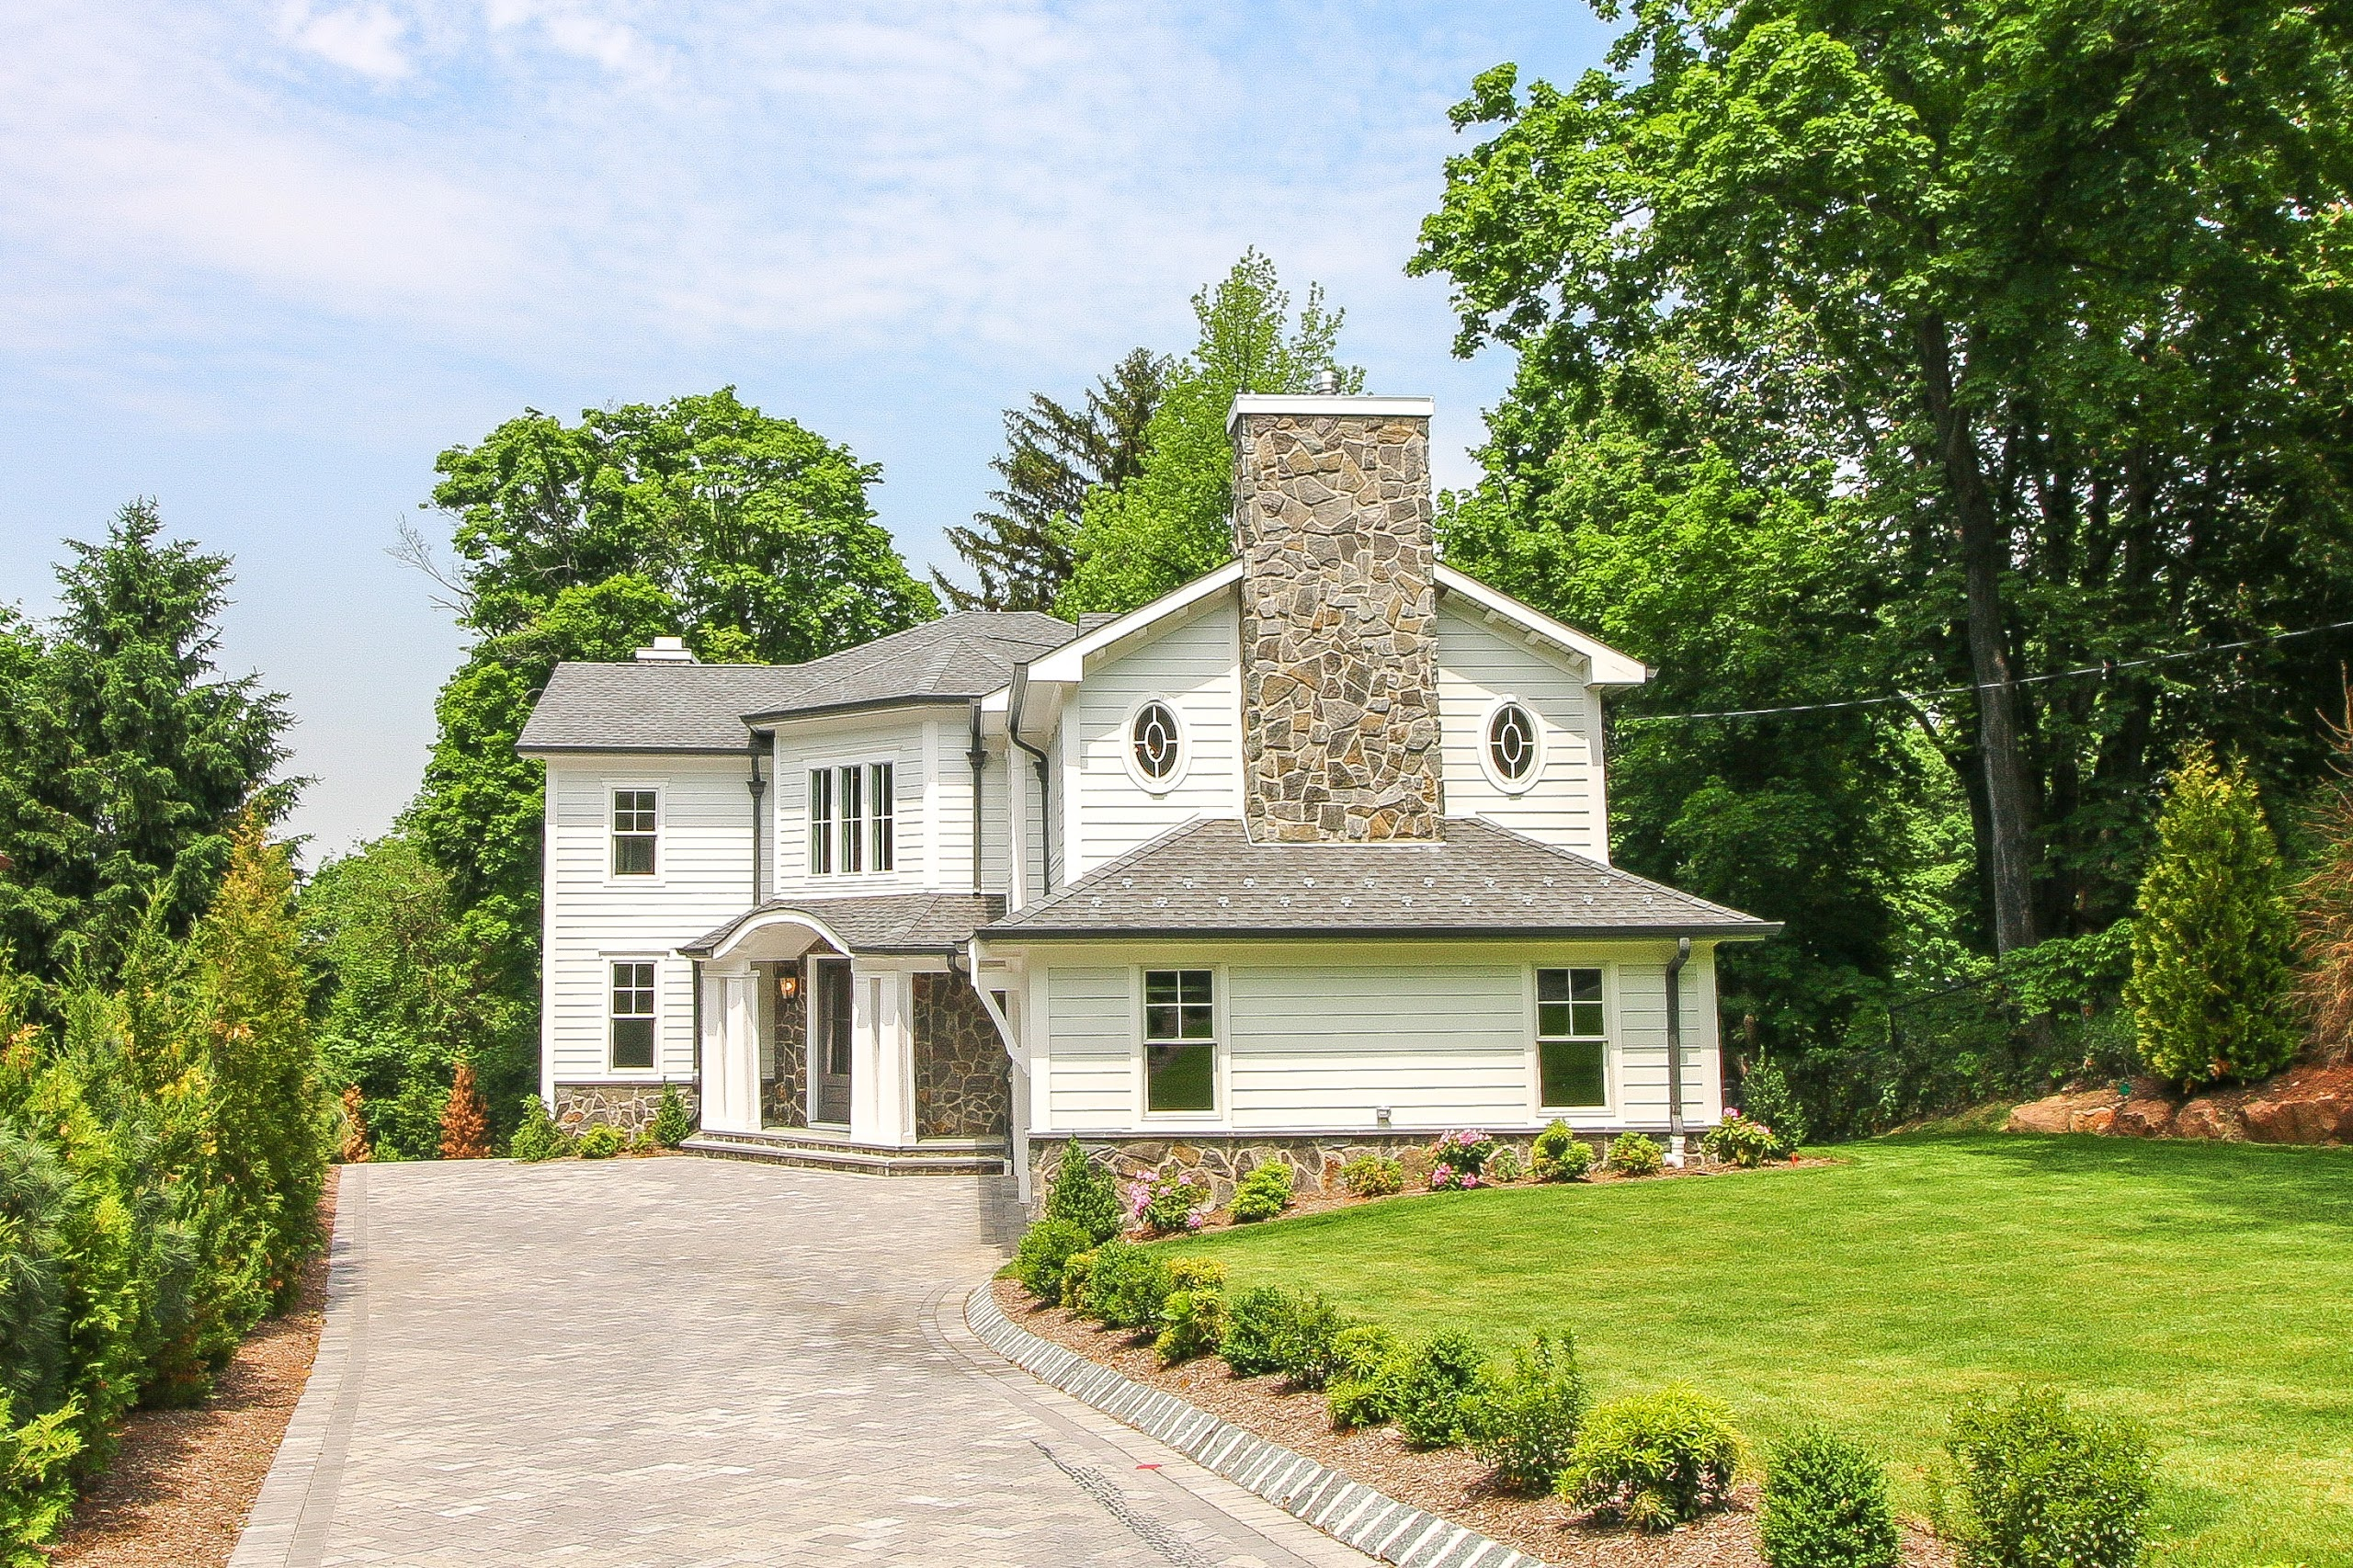 Maison unifamiliale pour l Vente à Englewoods Prestigious East Hill 166 Winthrop Place Englewood, New Jersey 07631 États-Unis